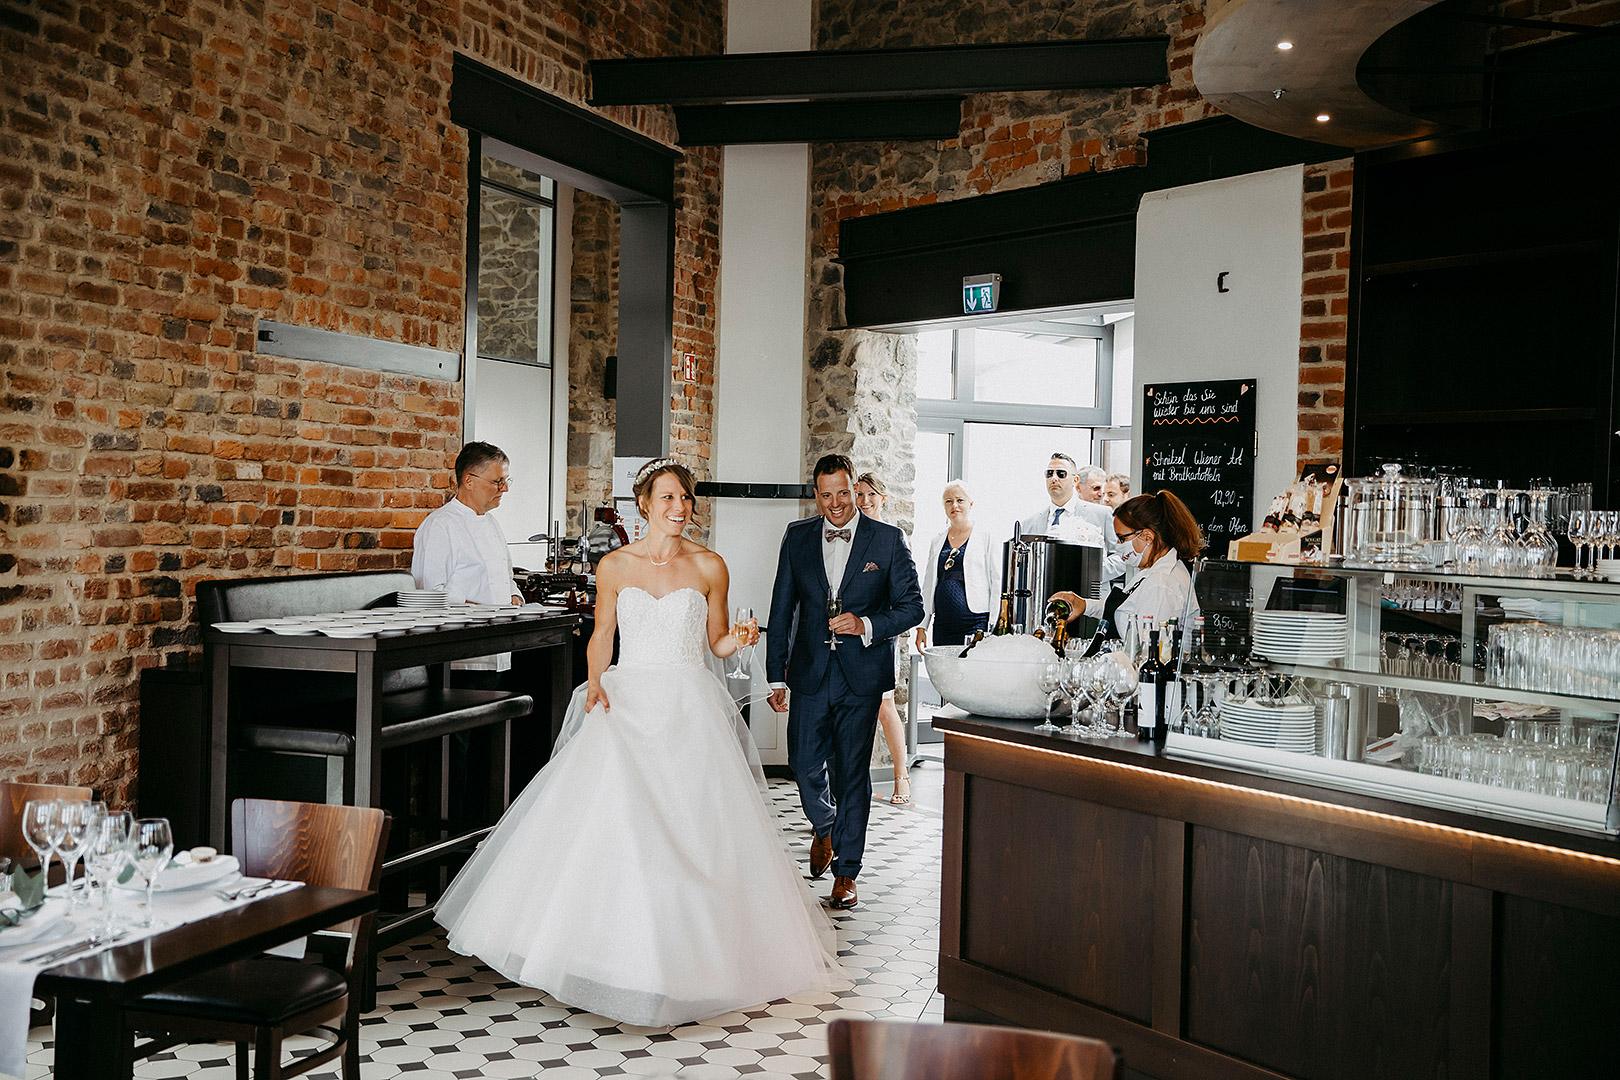 portrait_wedding_svenjaundleo_46